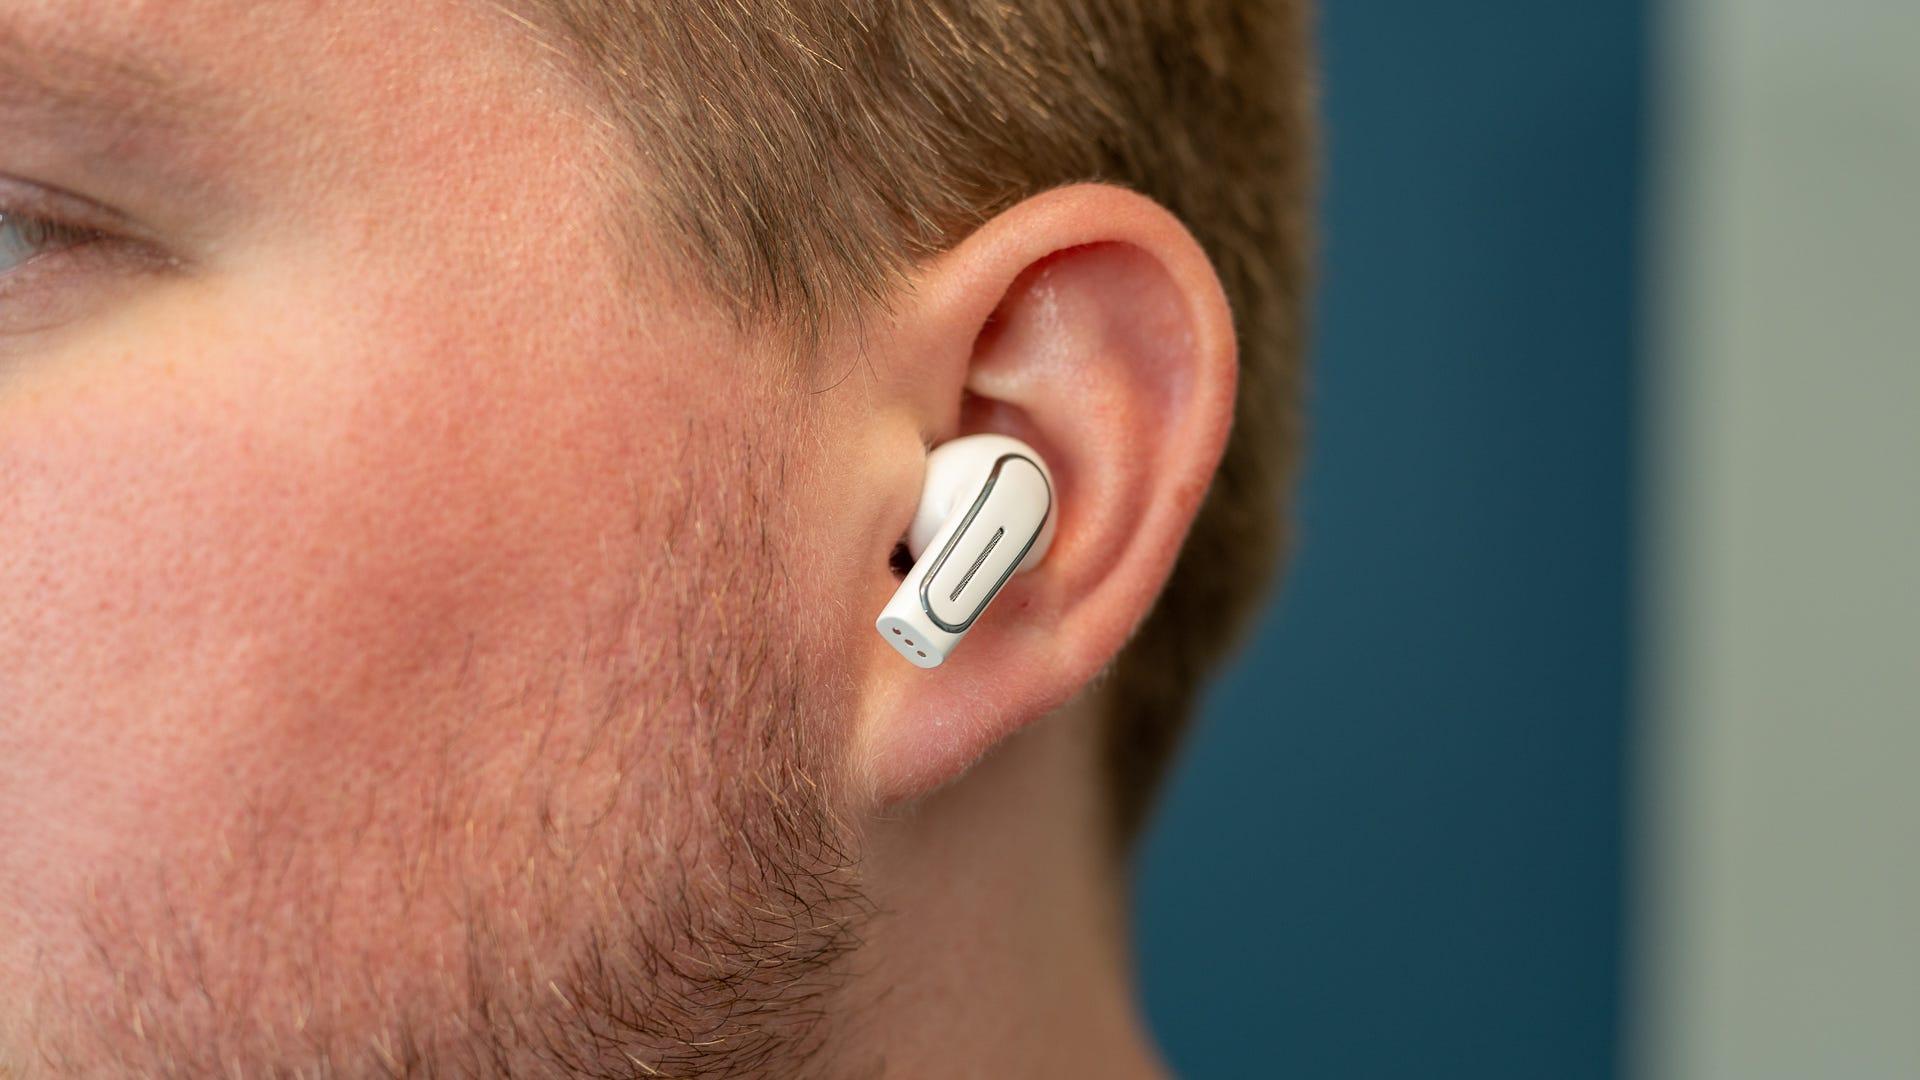 An earbud inside an ear